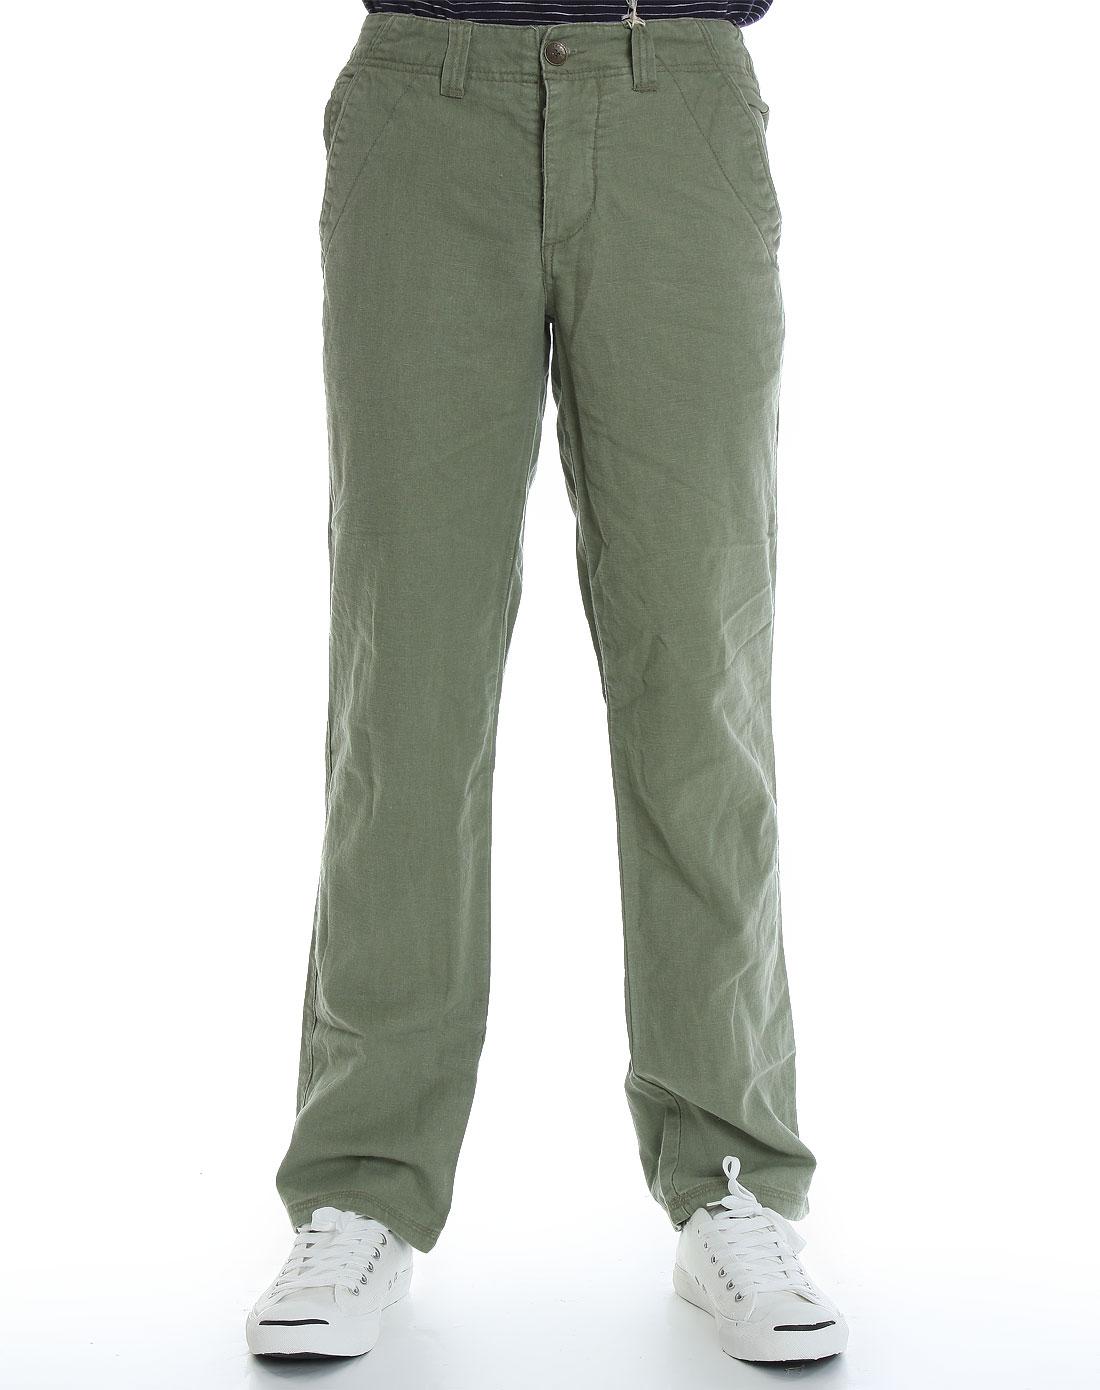 fox-男款灰绿色休闲长裤1